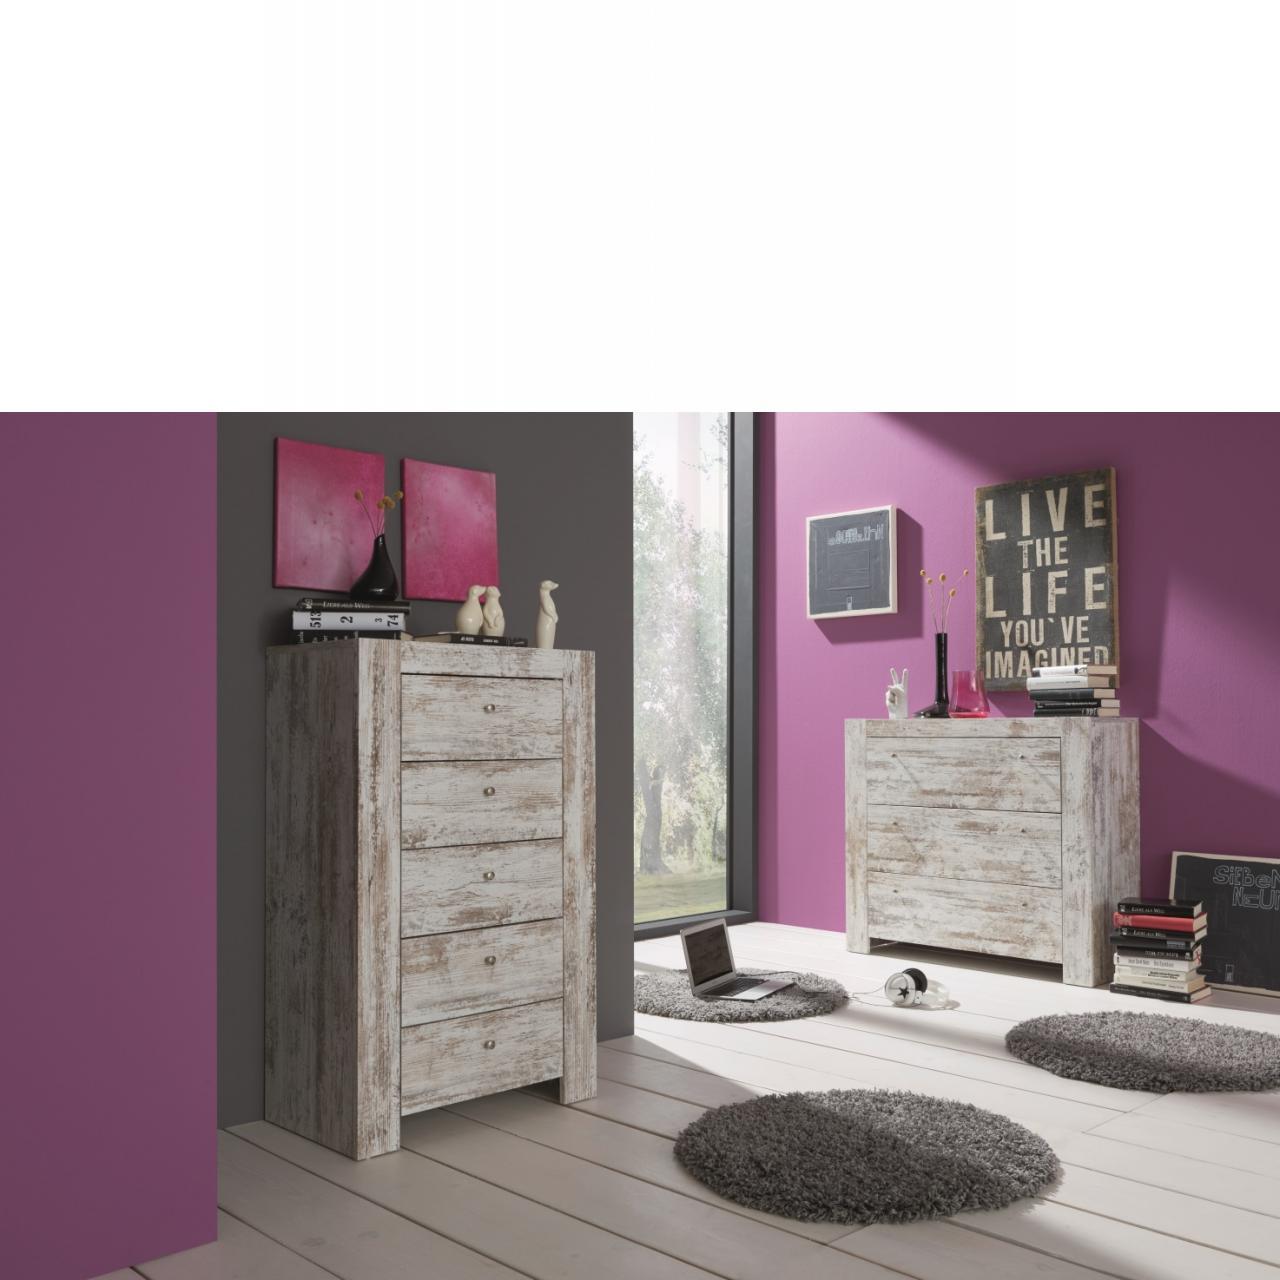 kommode im vintage look mit 5 schubk sten kommoden wohnzimmerm bel wohnen m bel. Black Bedroom Furniture Sets. Home Design Ideas